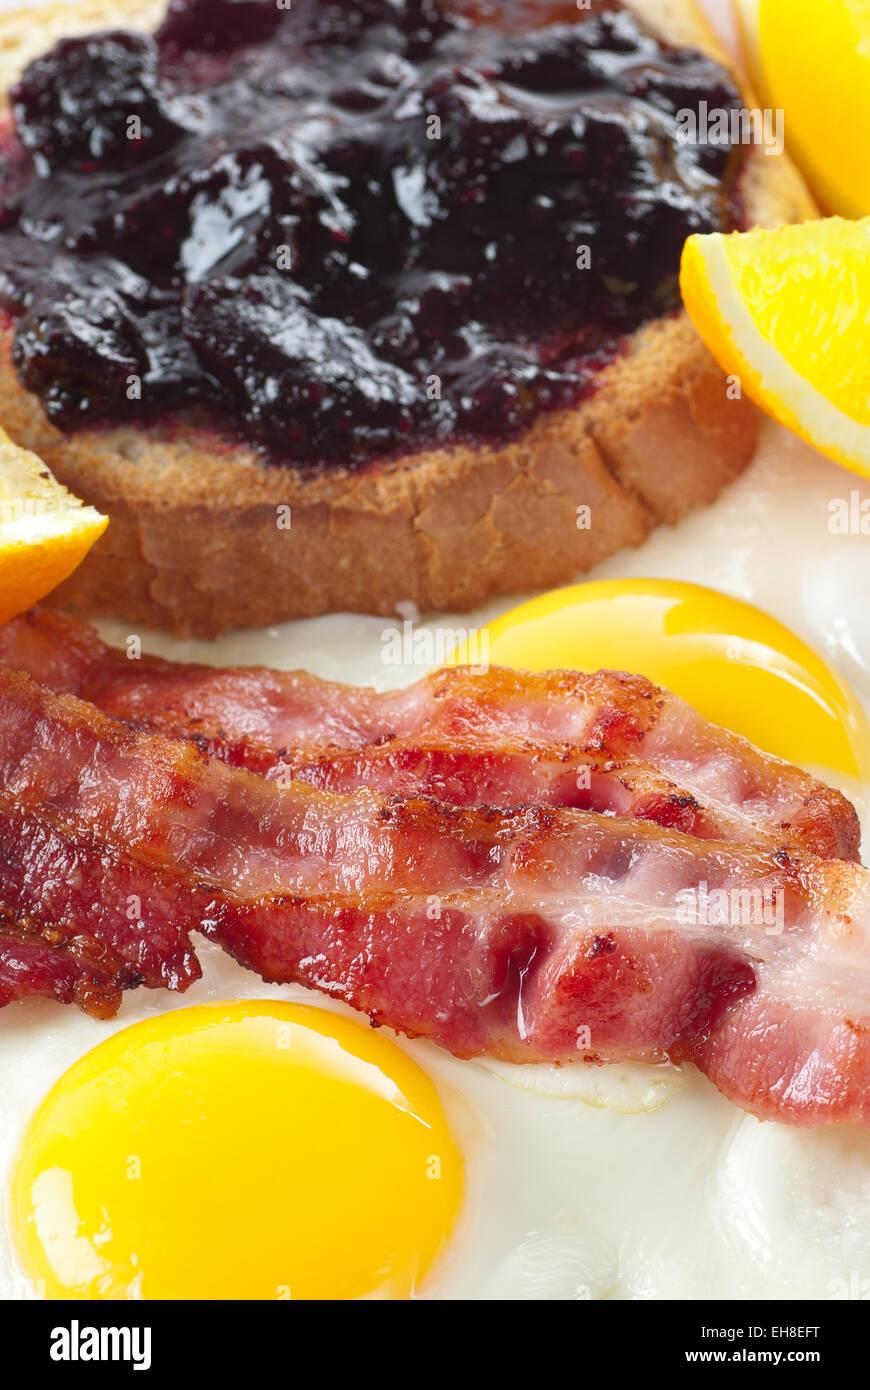 Bacon, uova fritte, arancione e pane tostato con marmellata. Immagini Stock